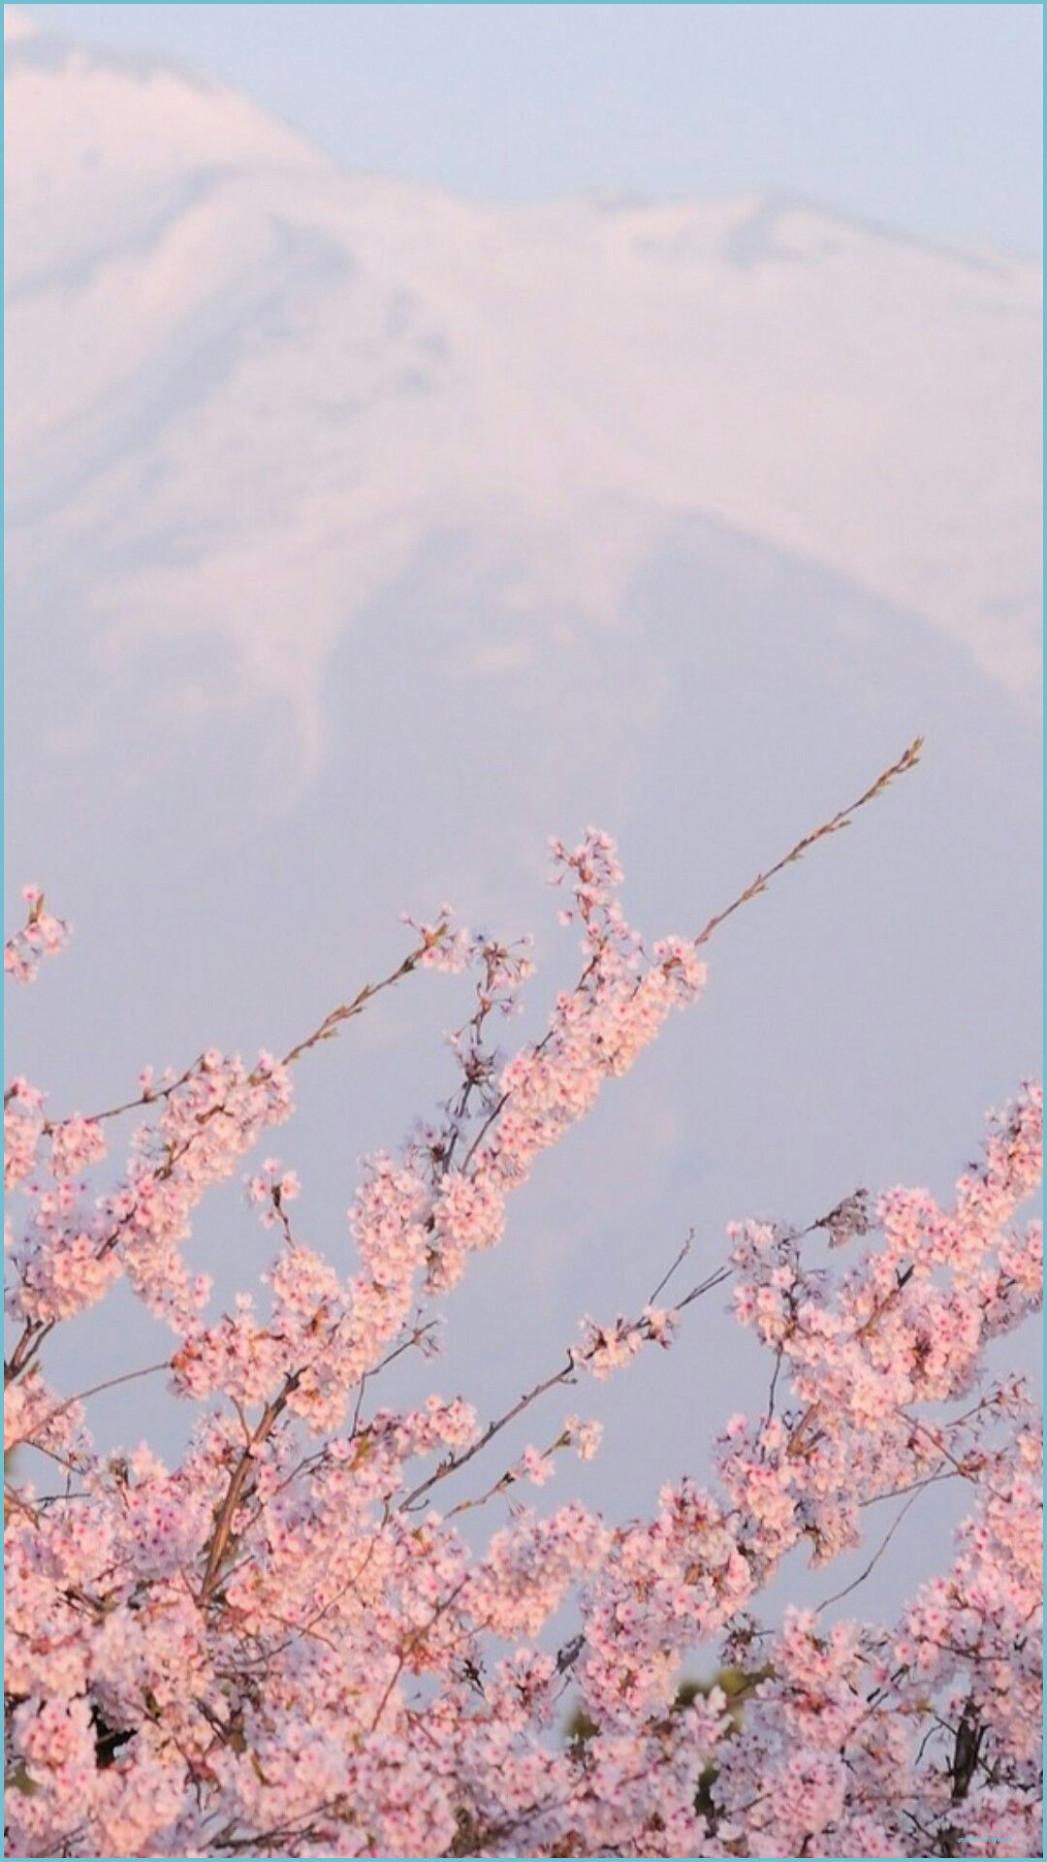 sakura wallpaper Tumblr Aesthetic backgrounds Pastel pink 1047x1862